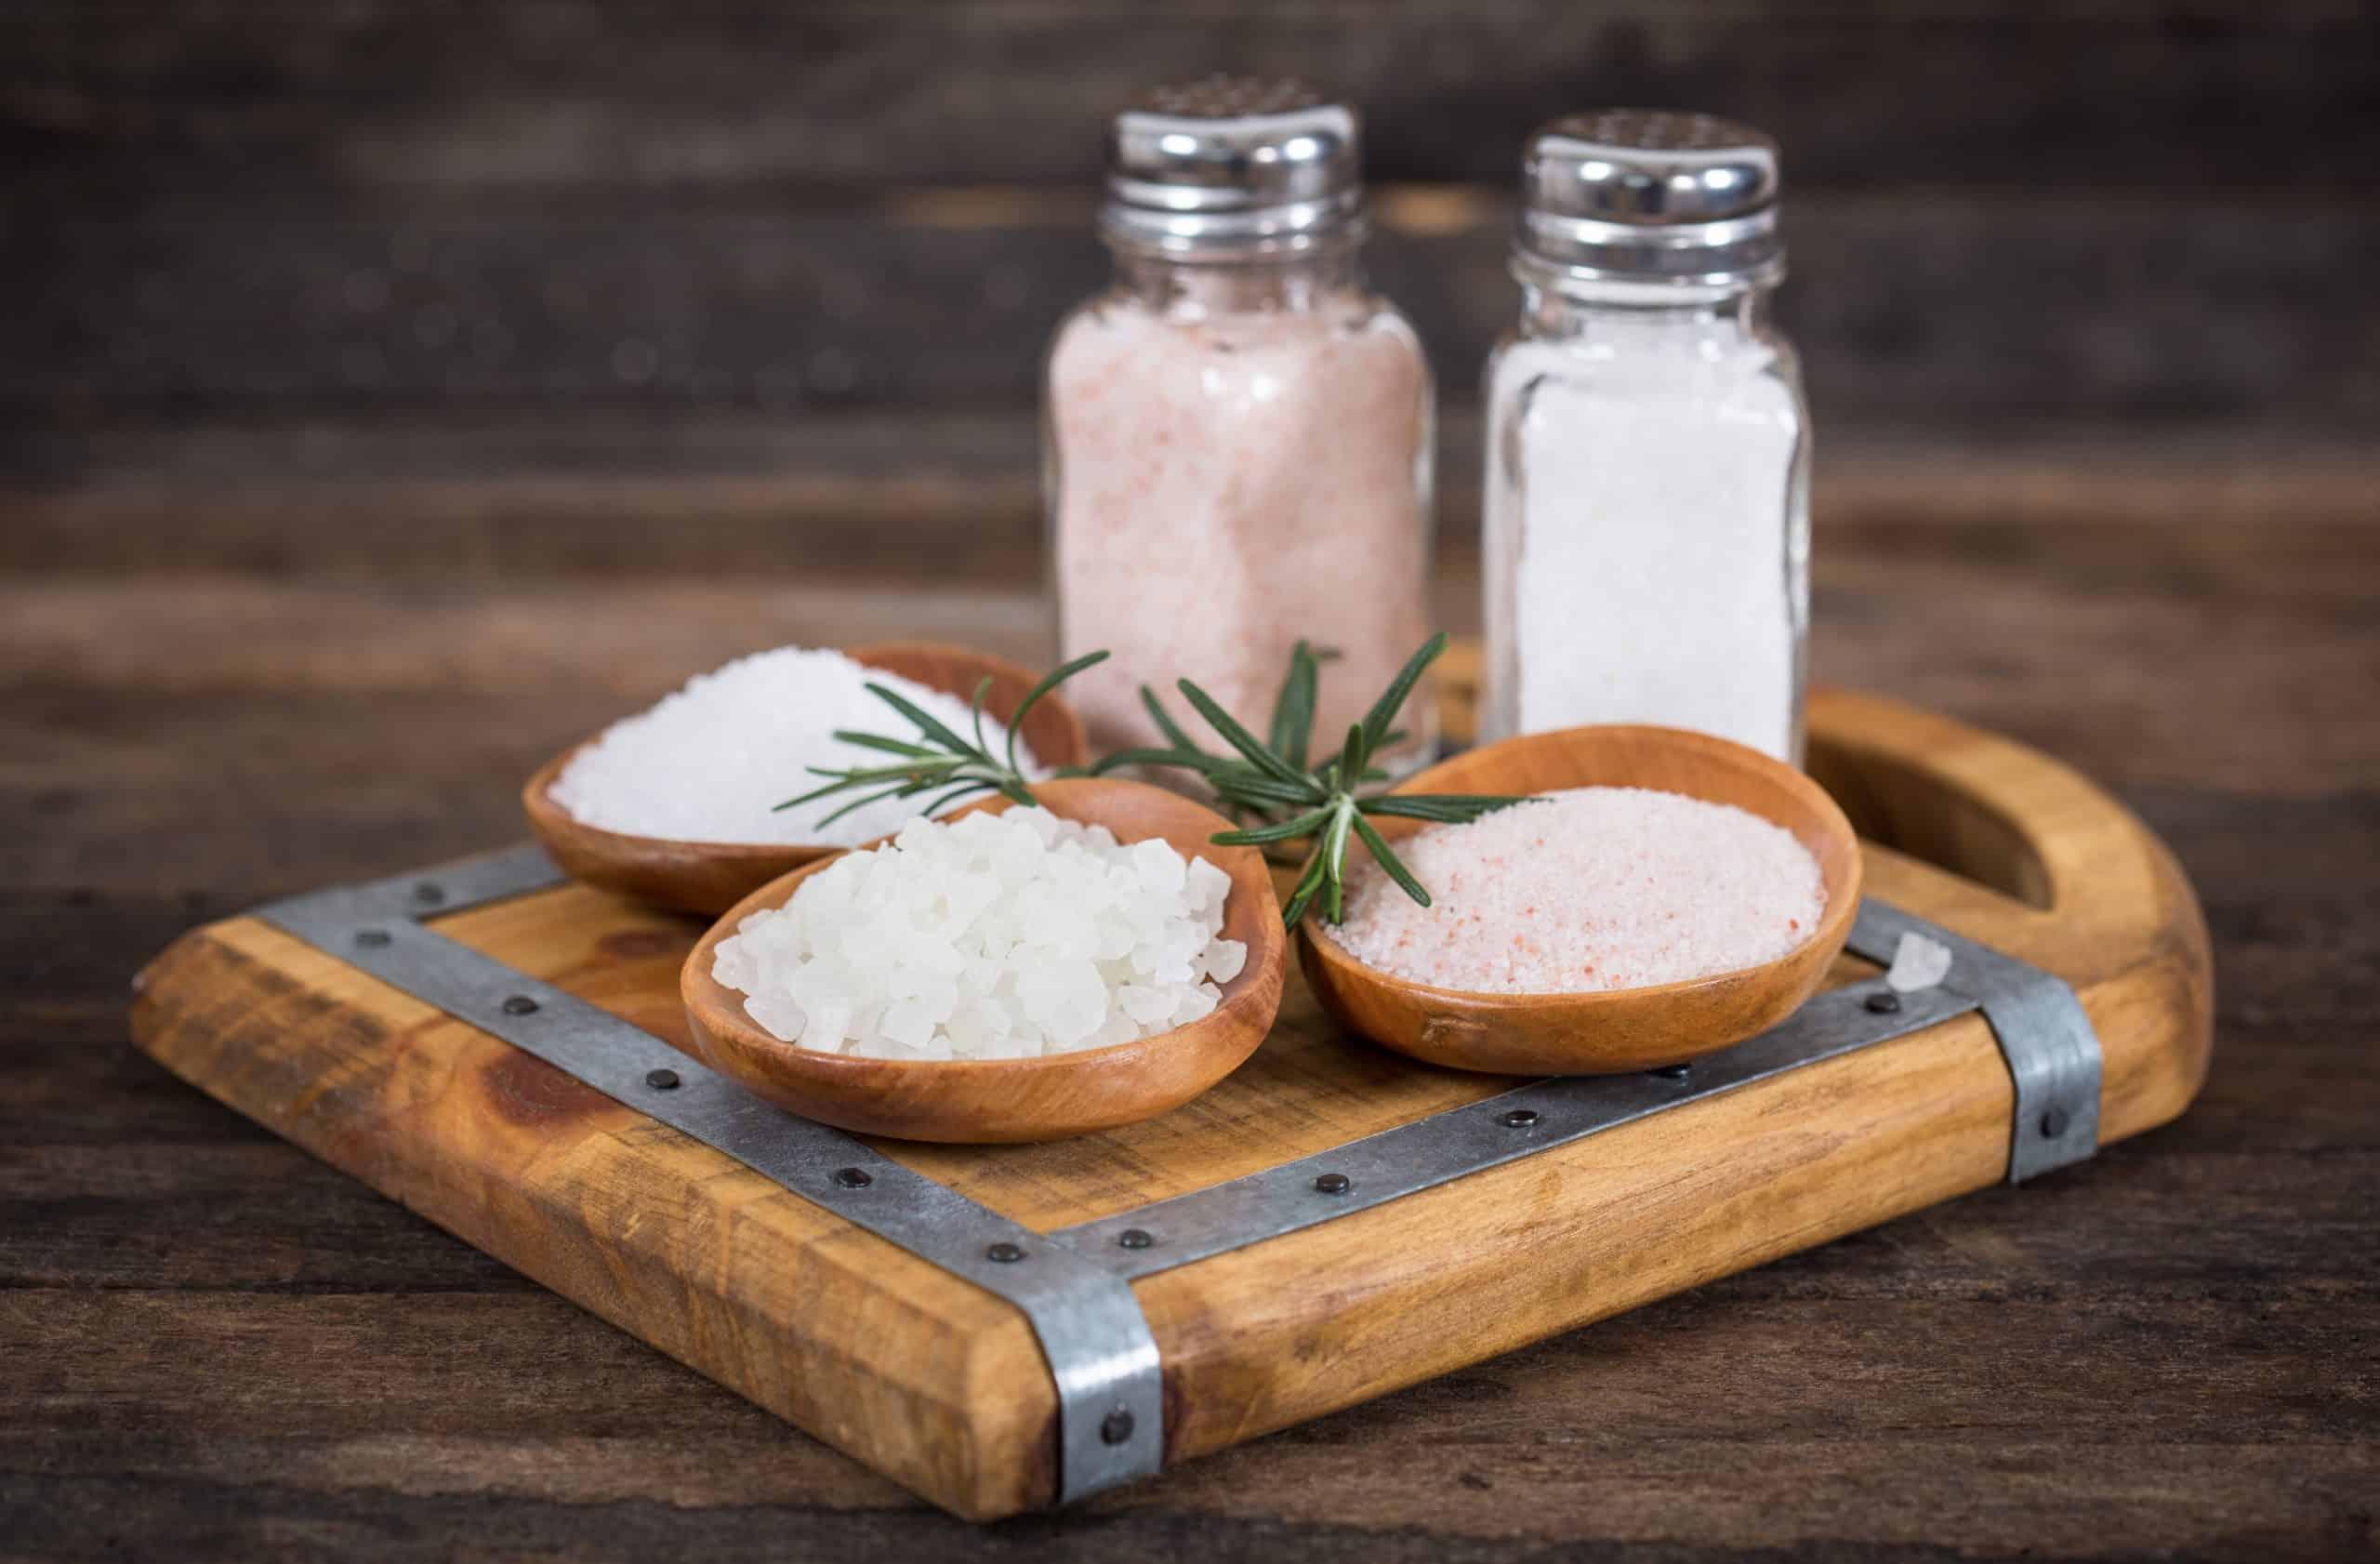 Pink Himalayan Salt Versus Sea Salt - Himalayan Salt and Sea Salt What's the Difference